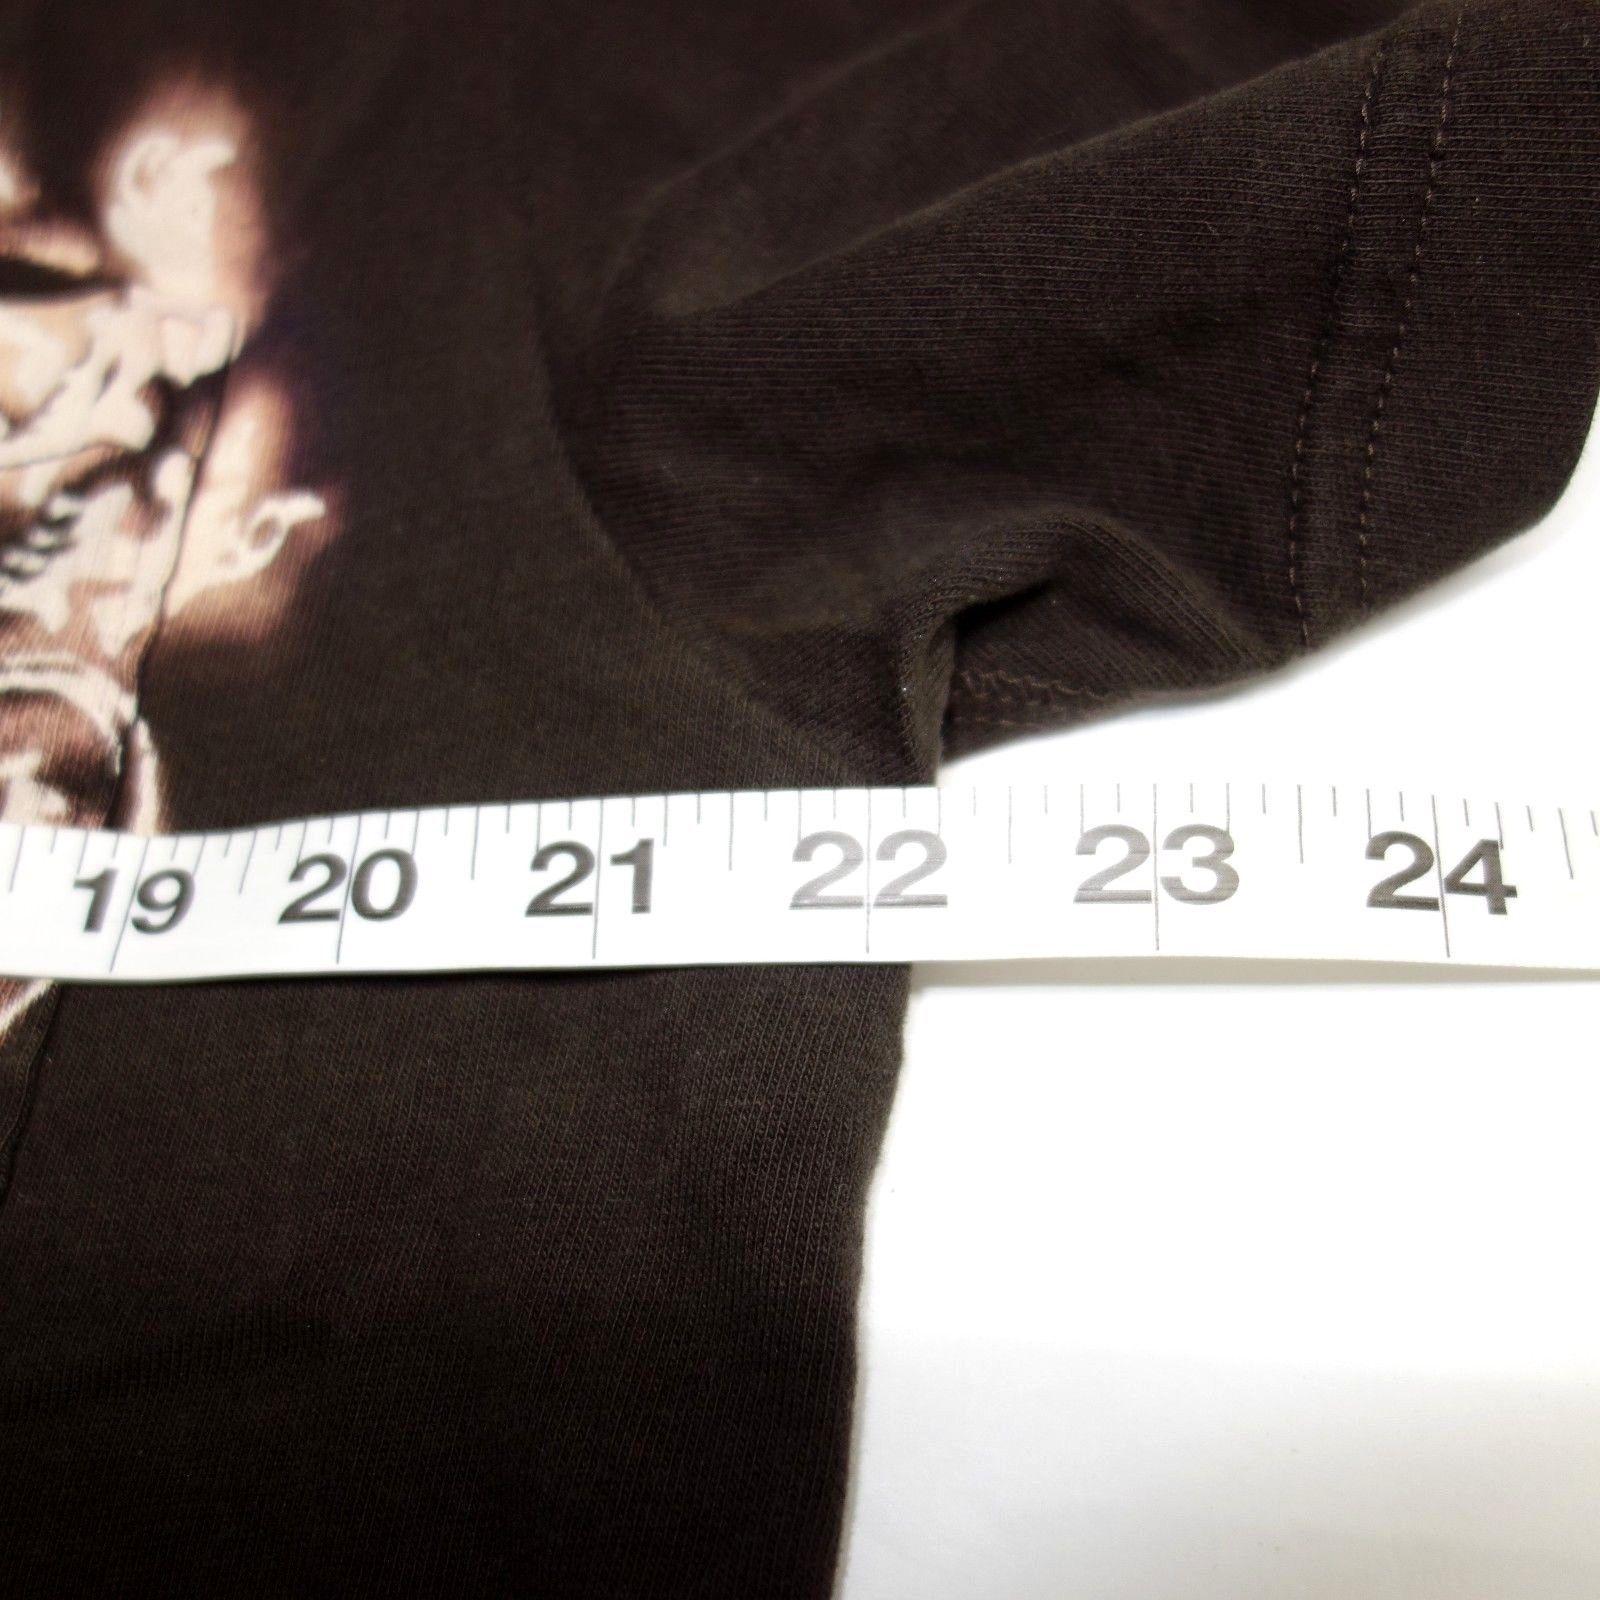 Gap Pocket Polo Shirt Men's Large Brown Cotton Bleached Design Established 1969 image 8